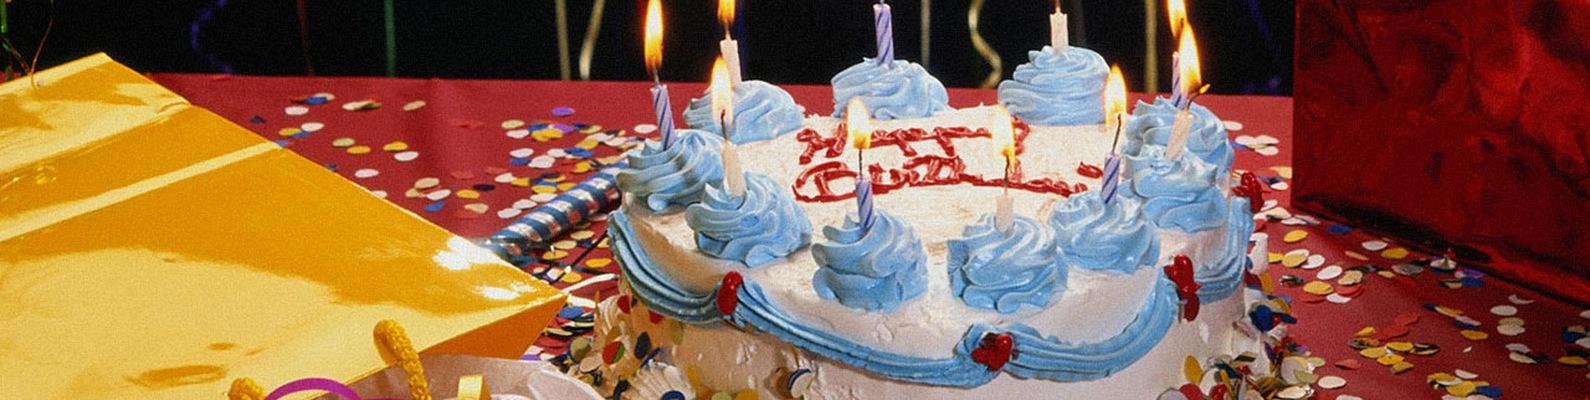 Поздравления с днем рождения по узбекски